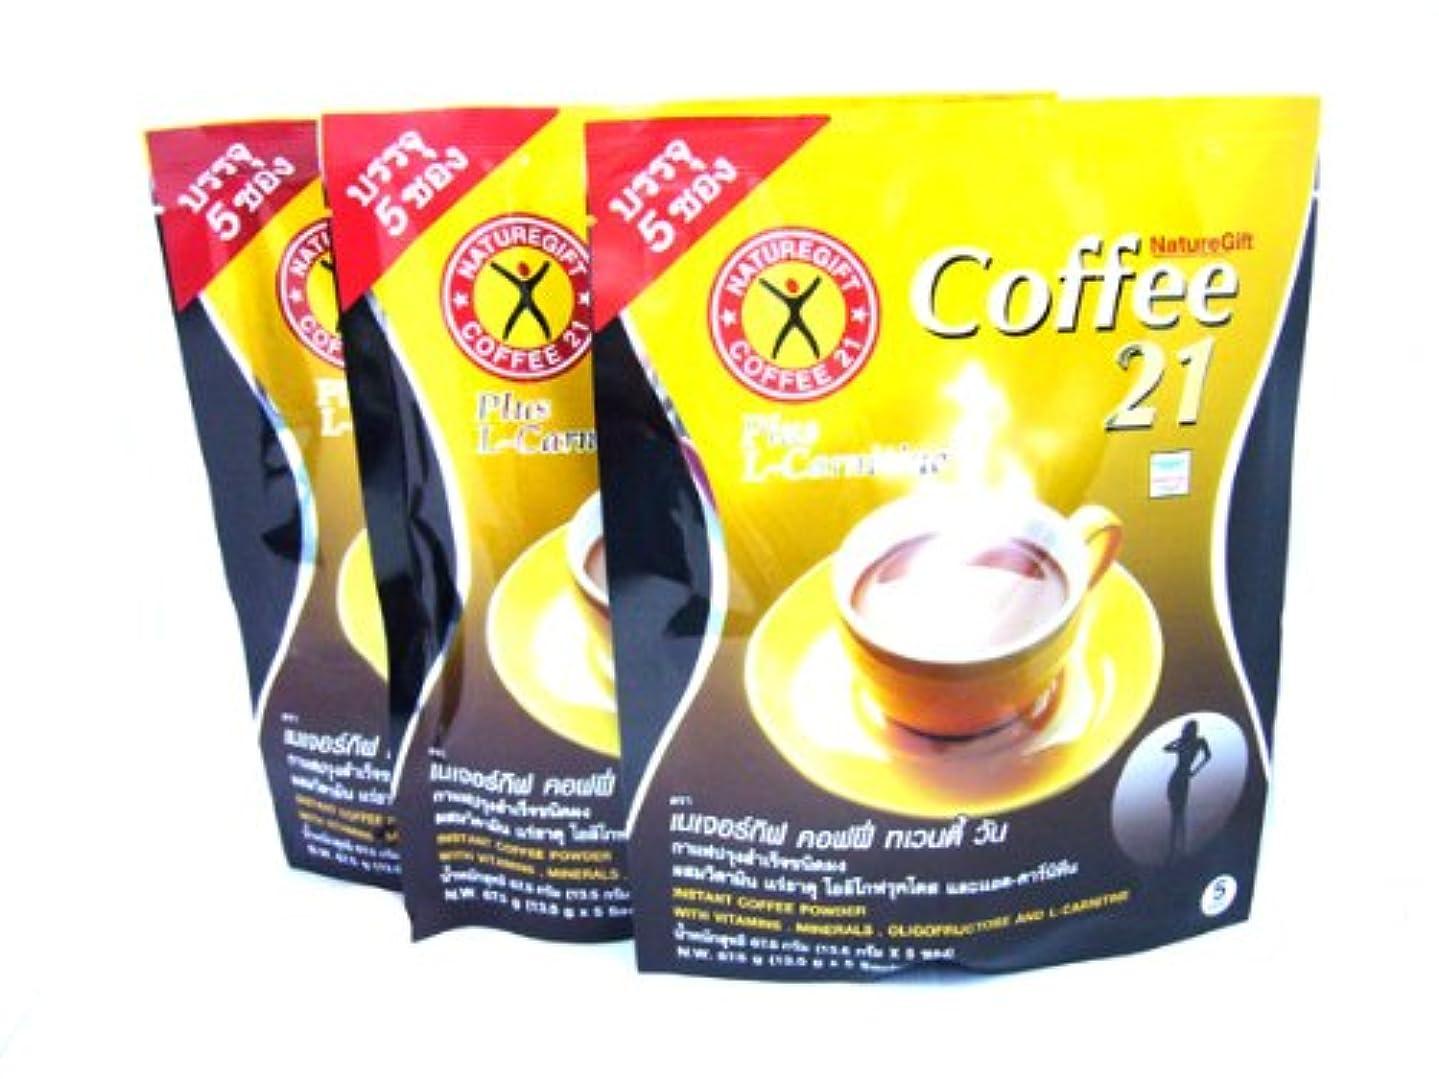 選ぶ磨かれたバリア3x Naturegift Instant Coffee Mix 21 Plus L-carnitine Slimming Weight Loss Diet Made in Thailand by alanroger